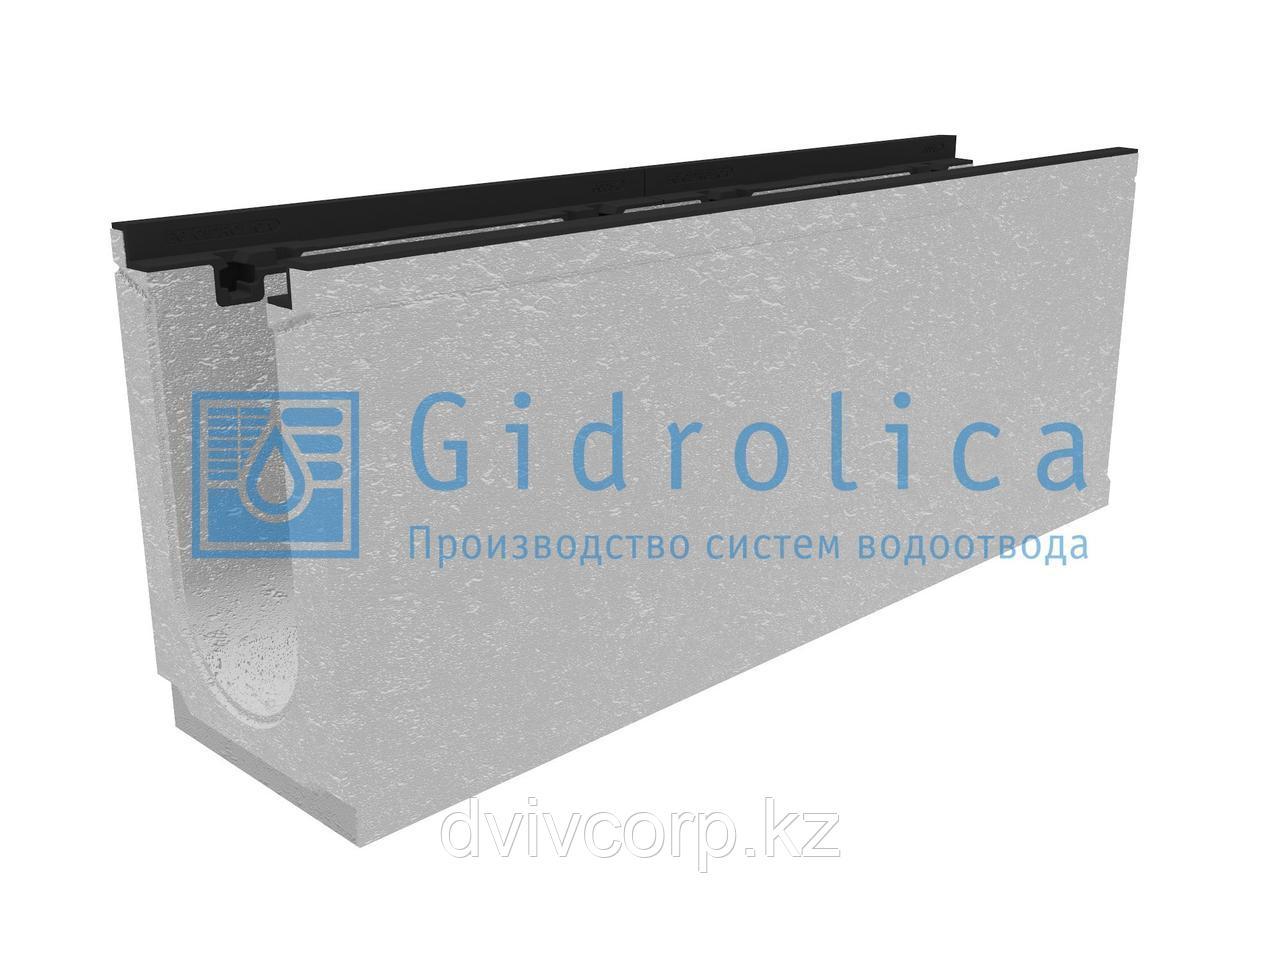 Лоток водоотводный бетонный коробчатый (СО-150мм), с чугунной насадкой КU 100.24,8 (15).39(32,5) - BGZ-S, №